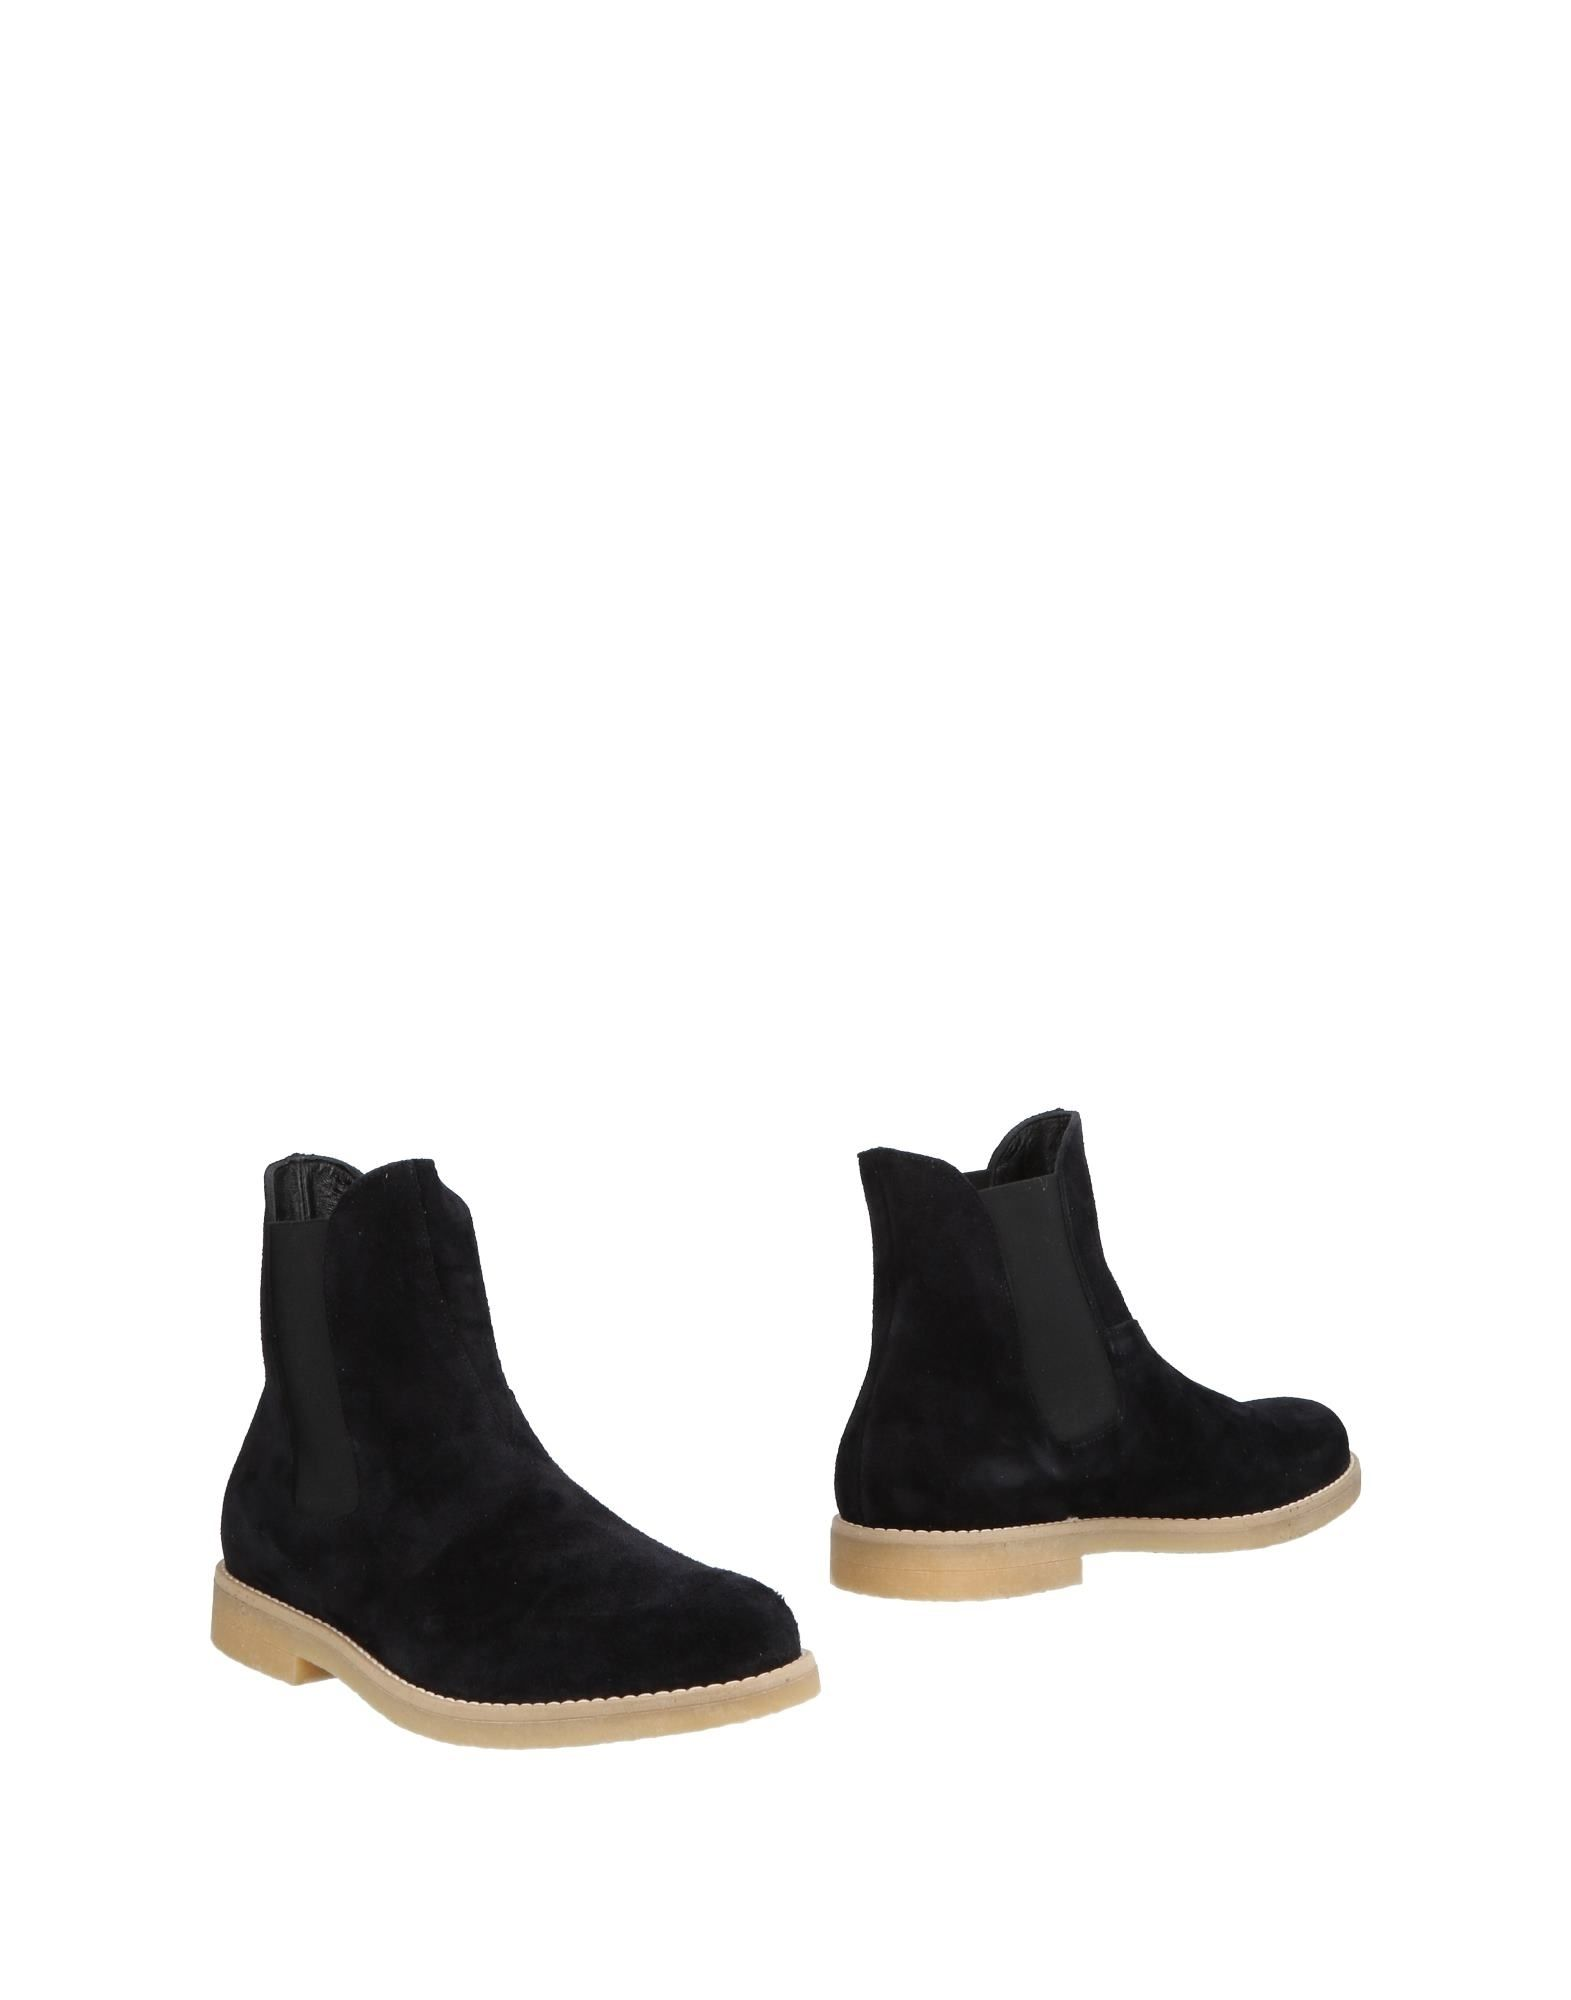 Tsd12 Stiefelette Herren  11504481FI Gute Qualität beliebte Schuhe